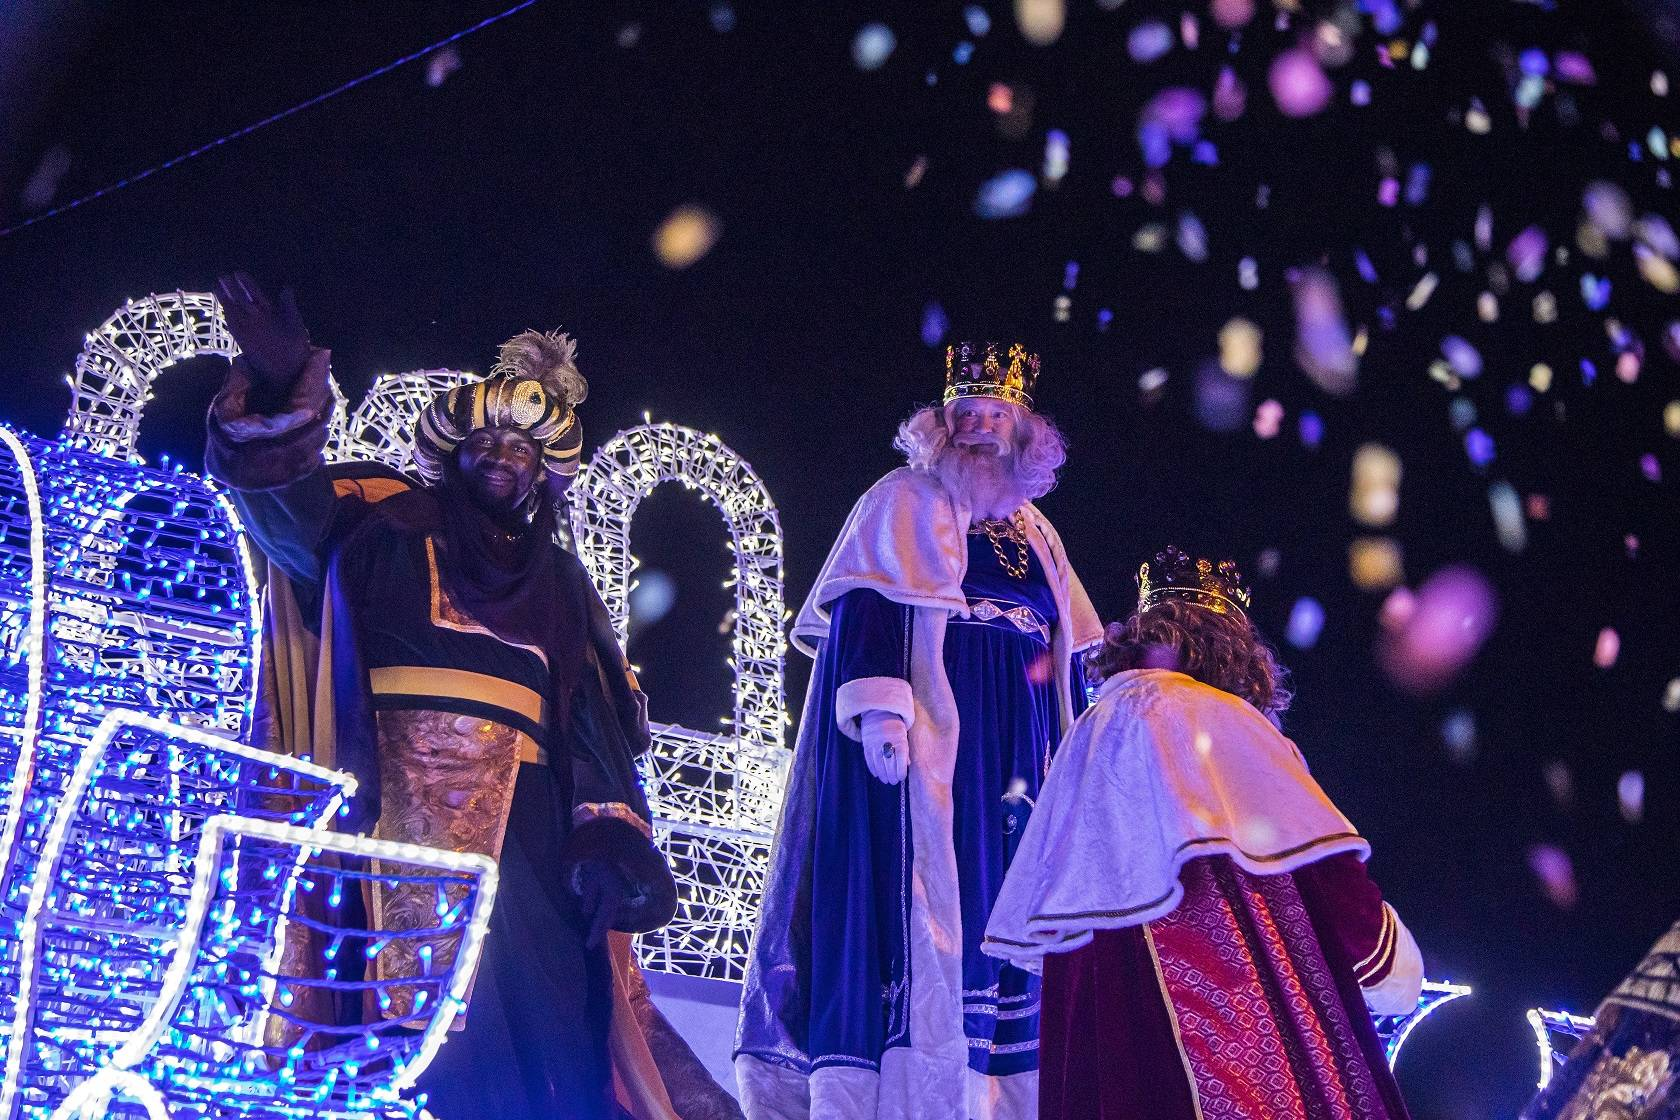 Se suspende la Cabalgata de Reyes como medida de prevención por el coronavirus